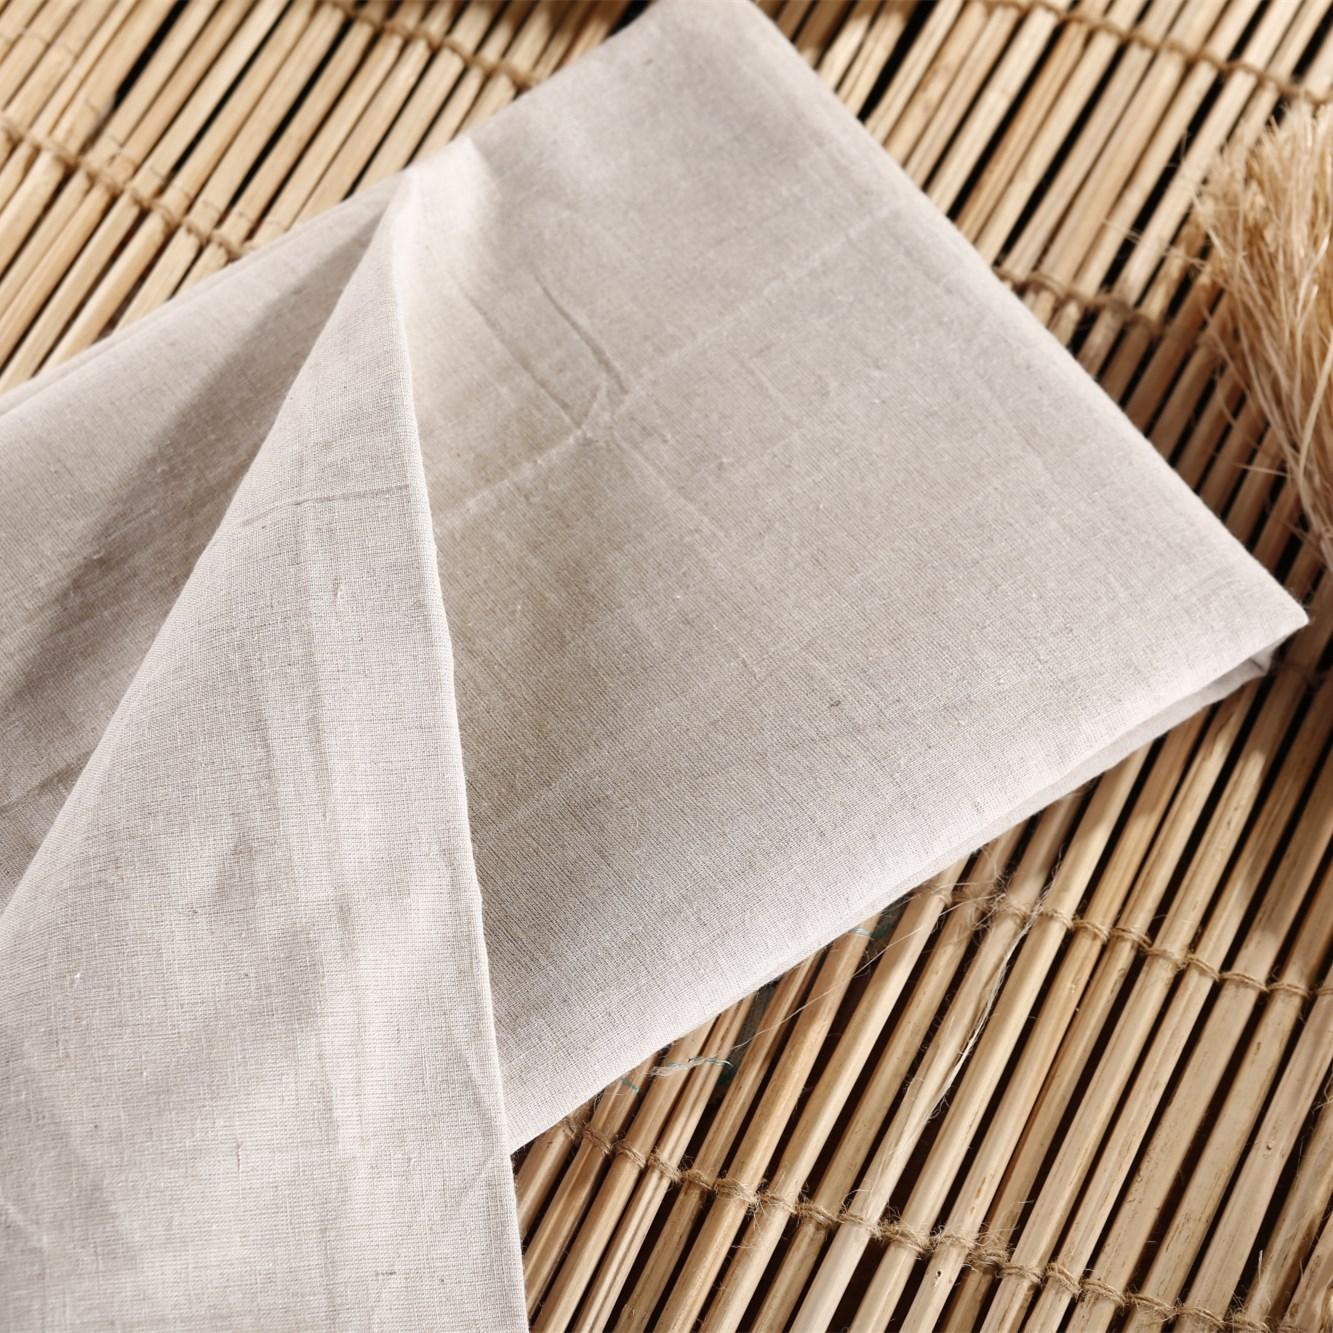 LVZHOU Vải mộc pha Các nhà sản xuất cung cấp nhiều loại vải lanh cotton màu xám trong kho 30X30 vải